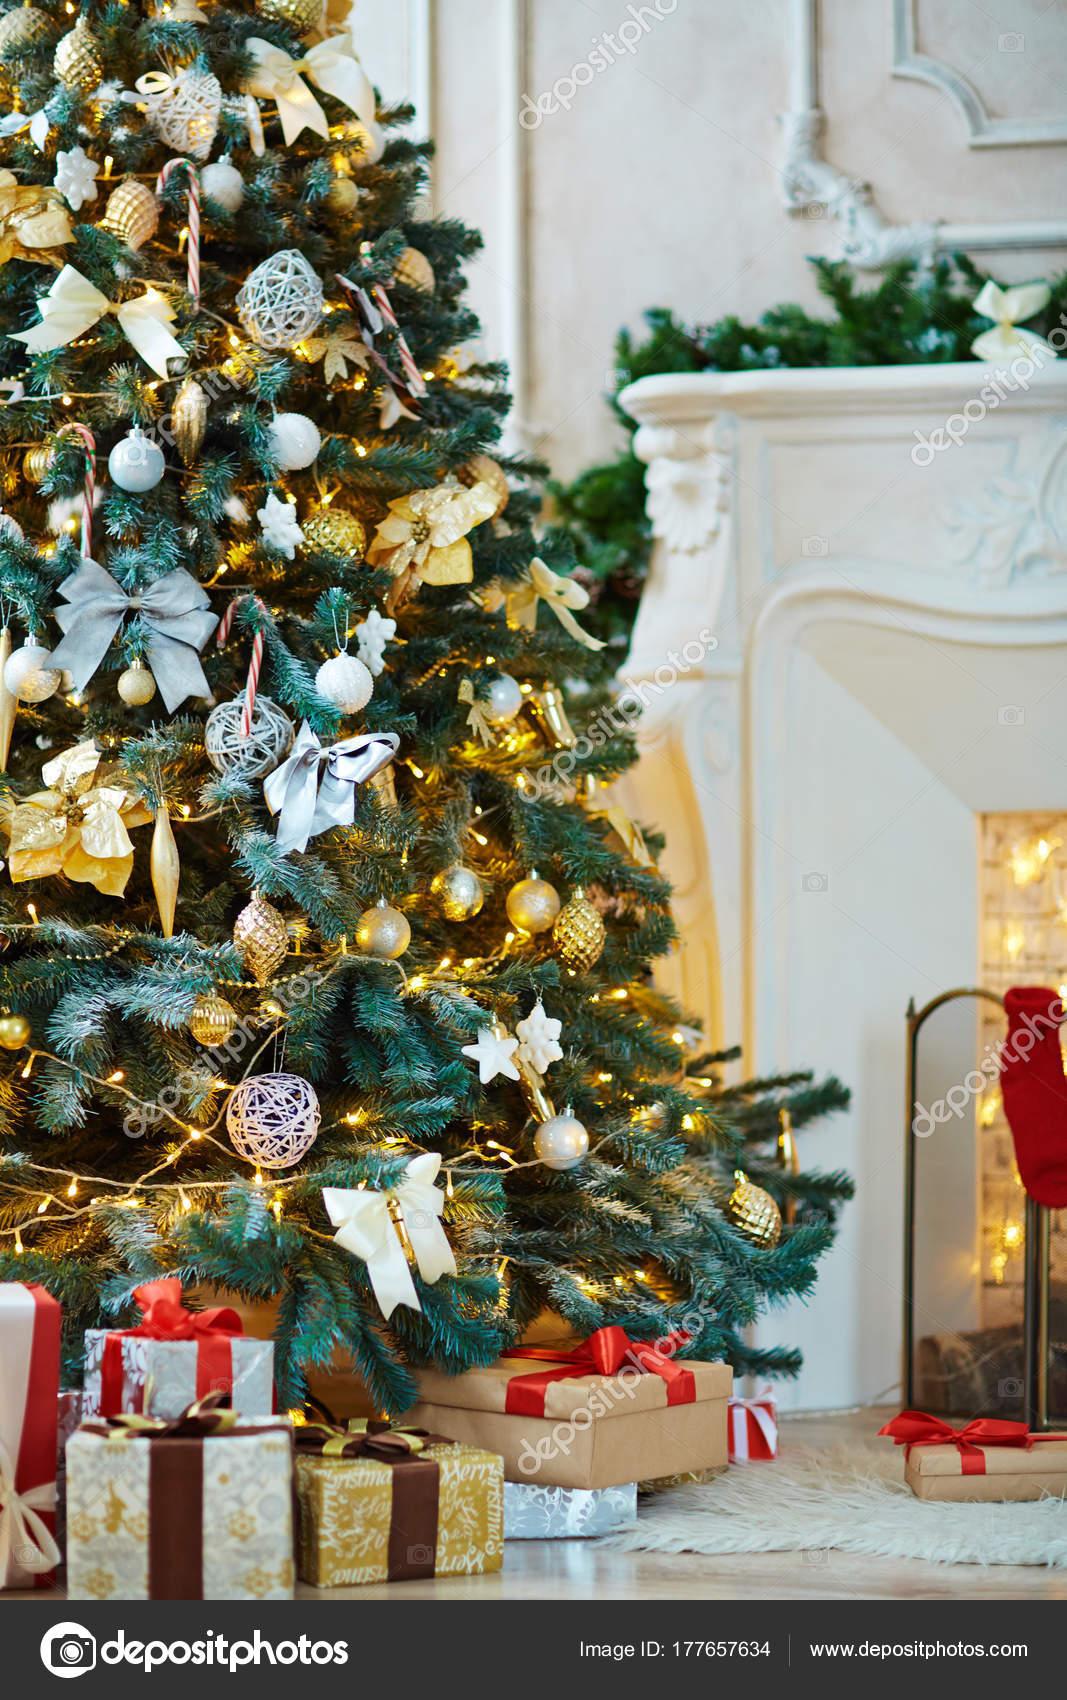 Fotos arbol de navidad decorados rbol navidad decorado - Imagenes de arboles navidad decorados ...